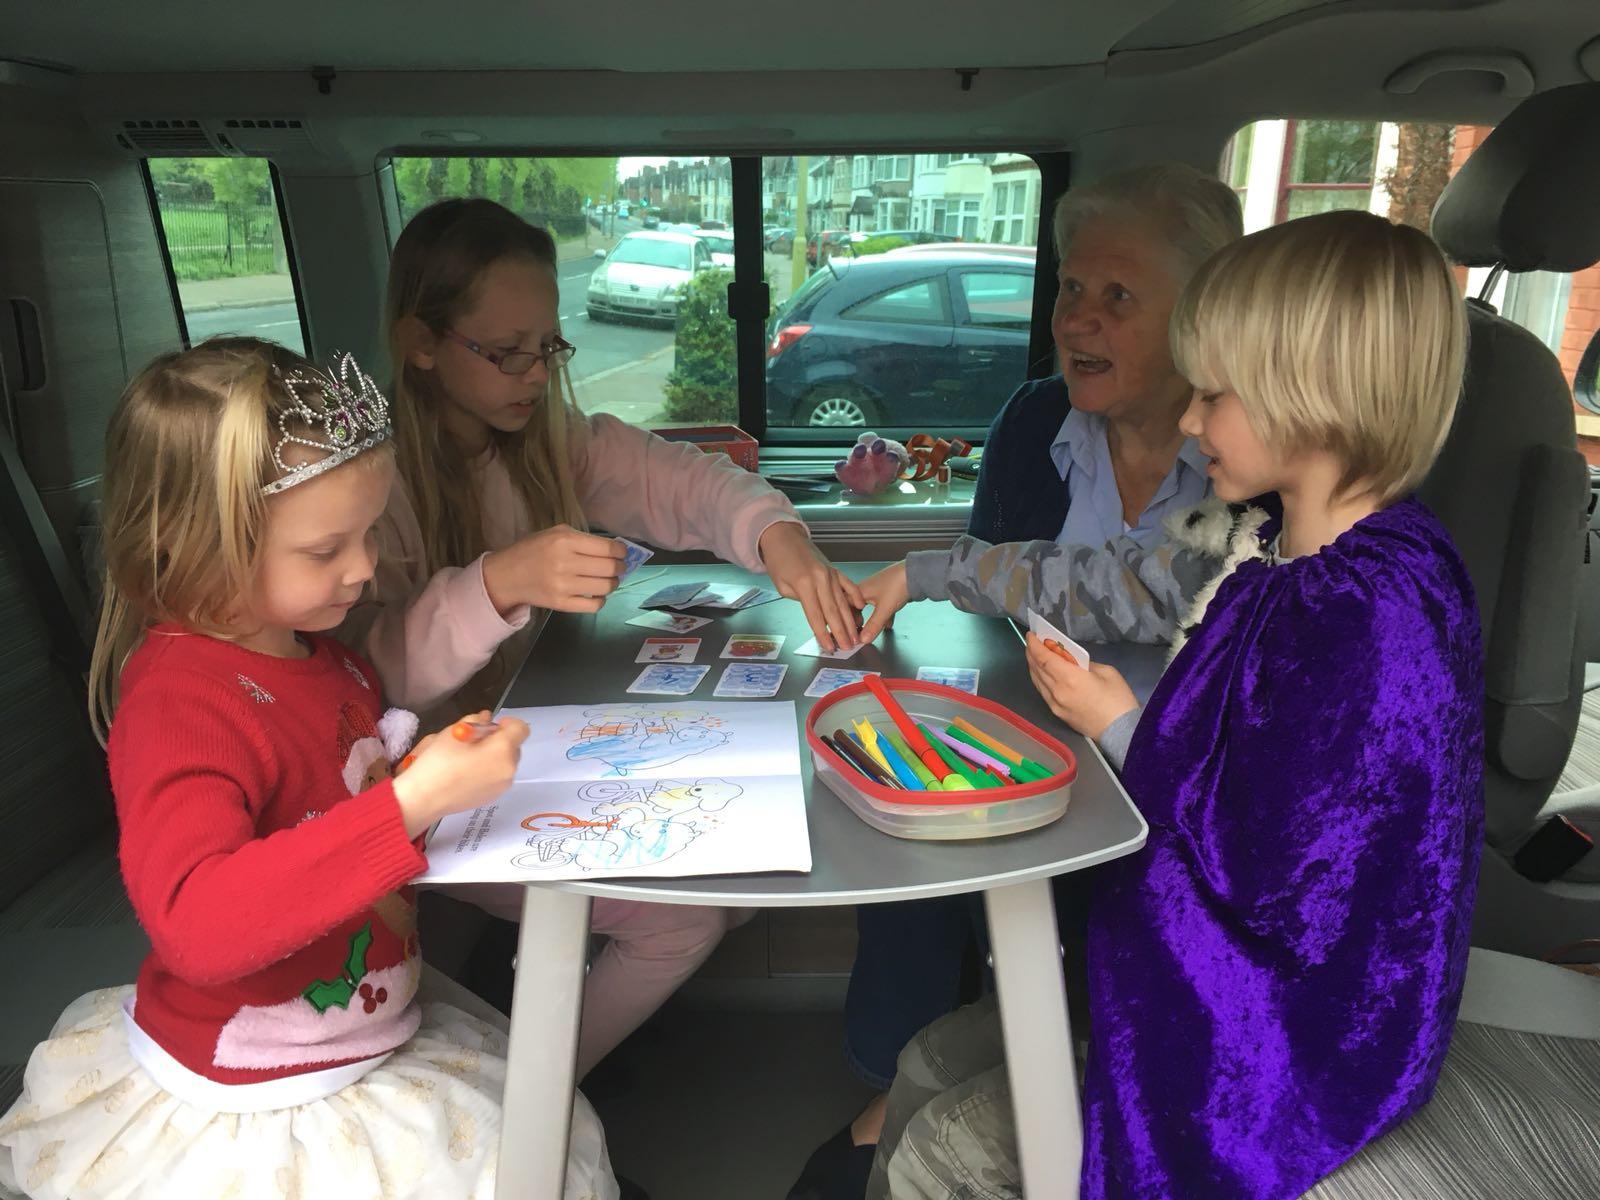 Ook kinderen genieten van het busje - Reisverhaal Kino Jansonius